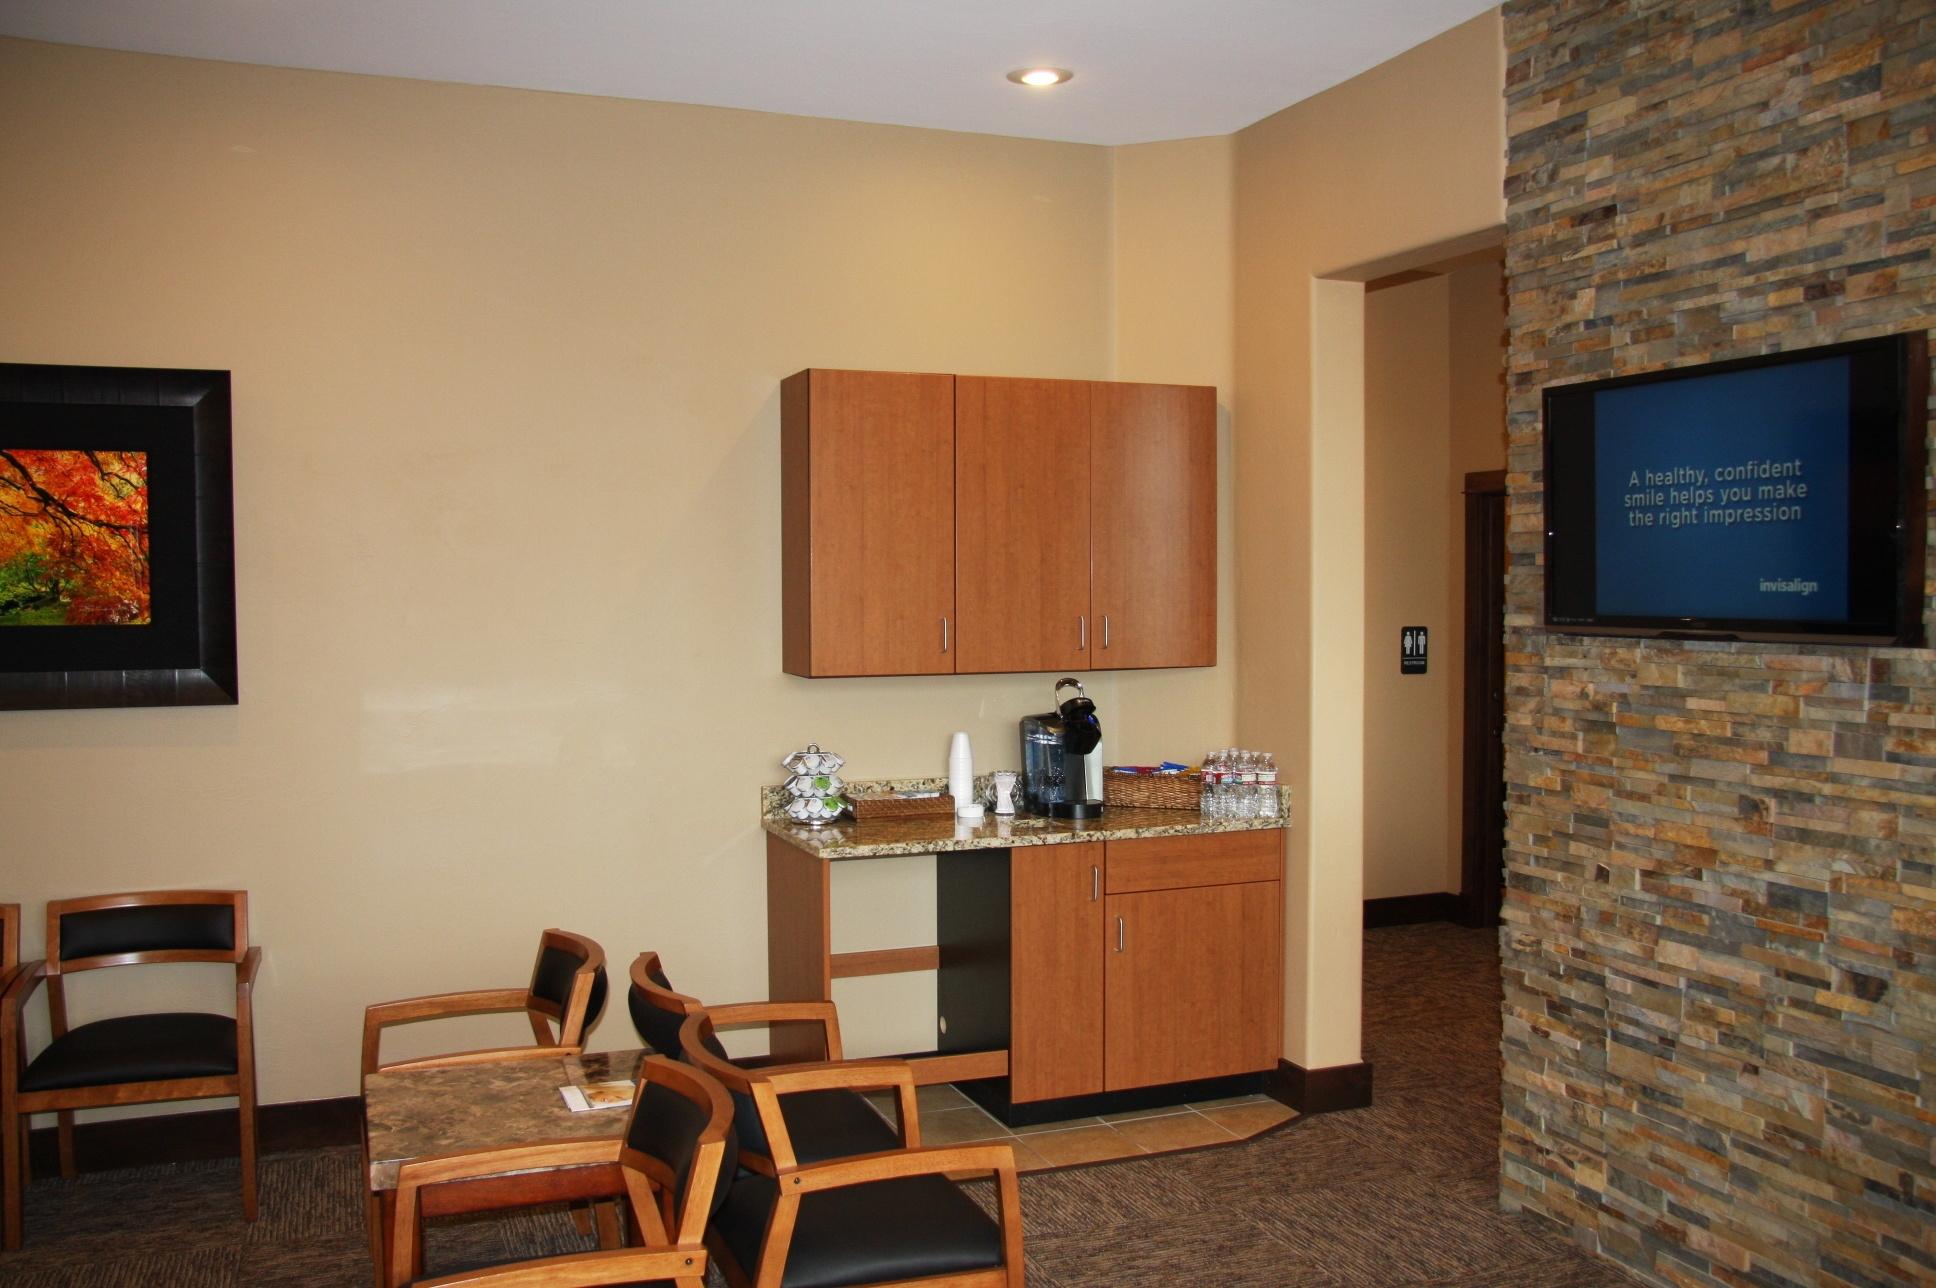 hall-c_patient-amenities_1